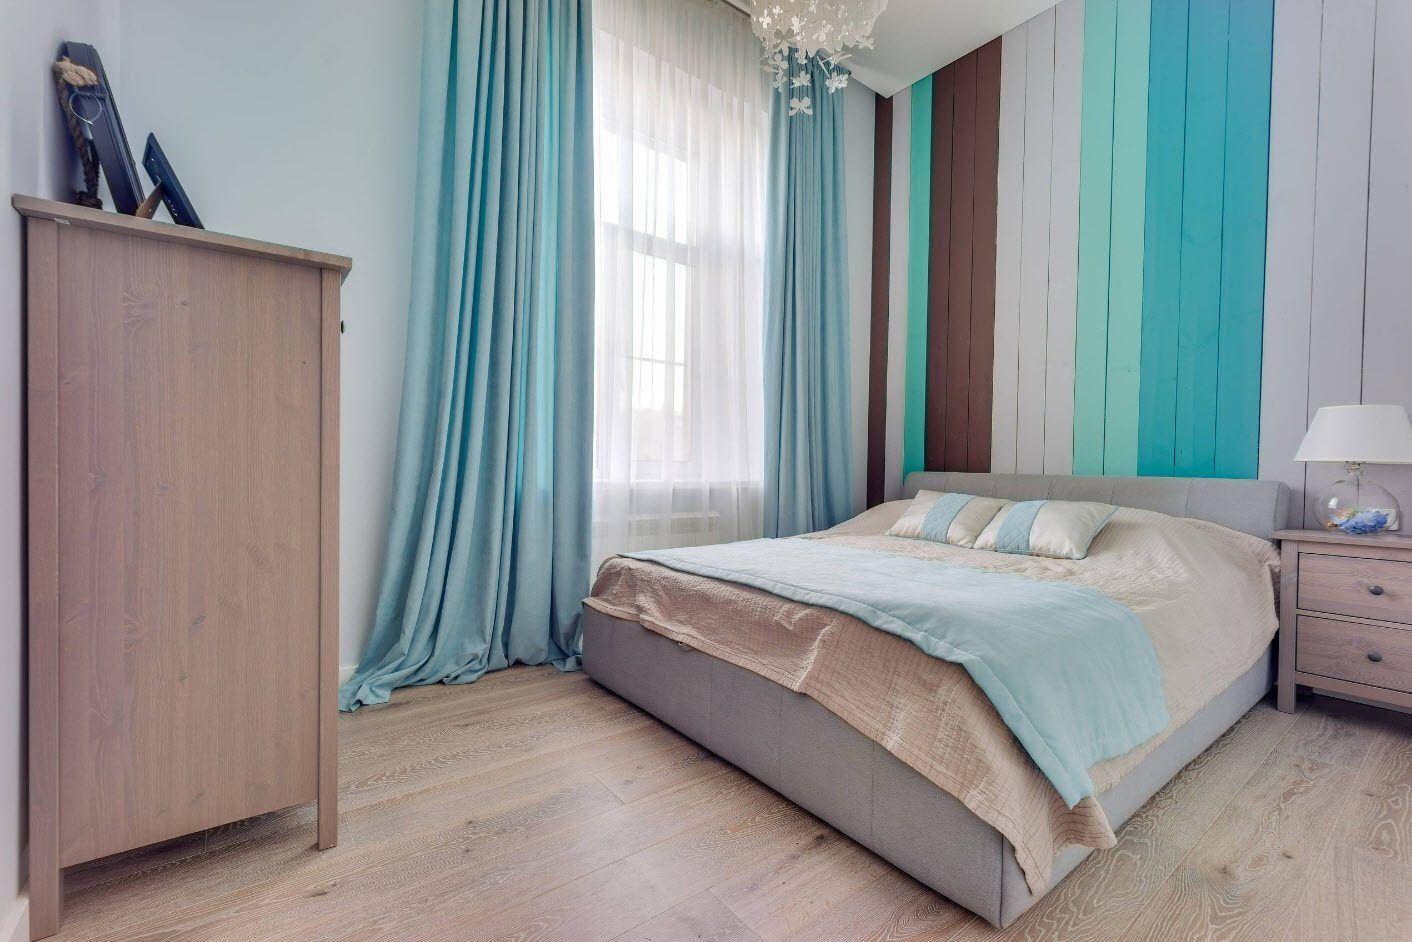 Schlafzimmer 14 Qm. M: Gute Planung In Verschiedenen Stilrichtungen  #planung #schlafzimmer #